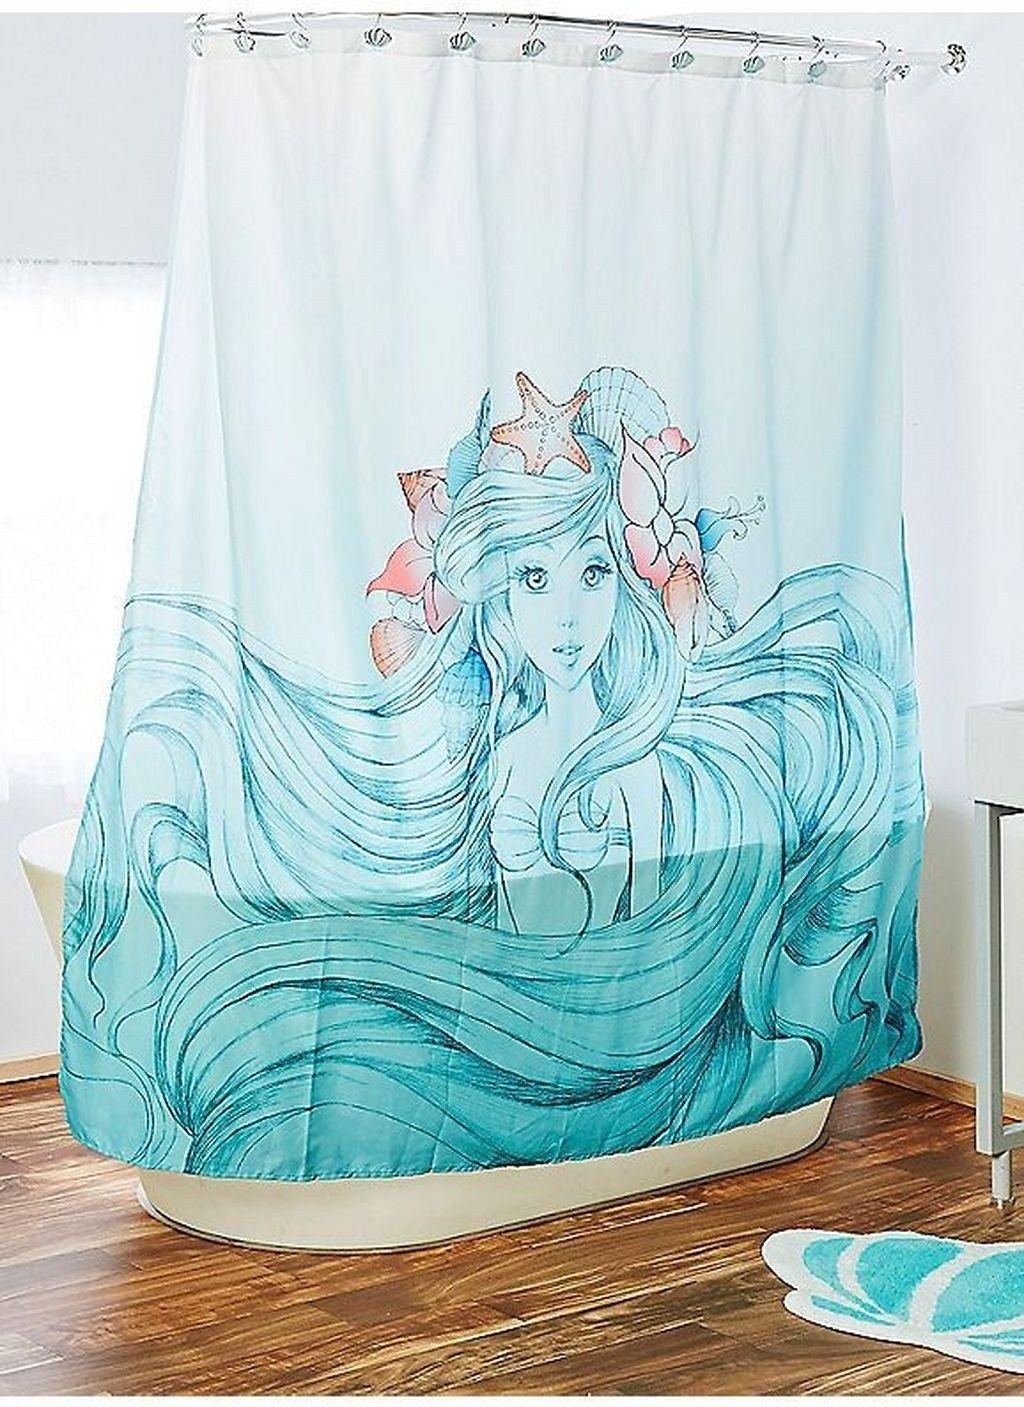 Popular Mermaid Bathroom Decor Ideas18 Mermaid Bathroom Decor Little Girl Bathrooms Little Mermaid Bathroom Mermaid bathroom decor amazon